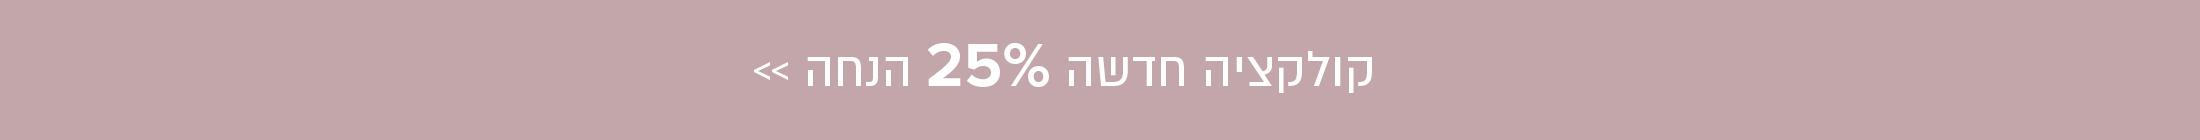 25% קולקציה חדשה